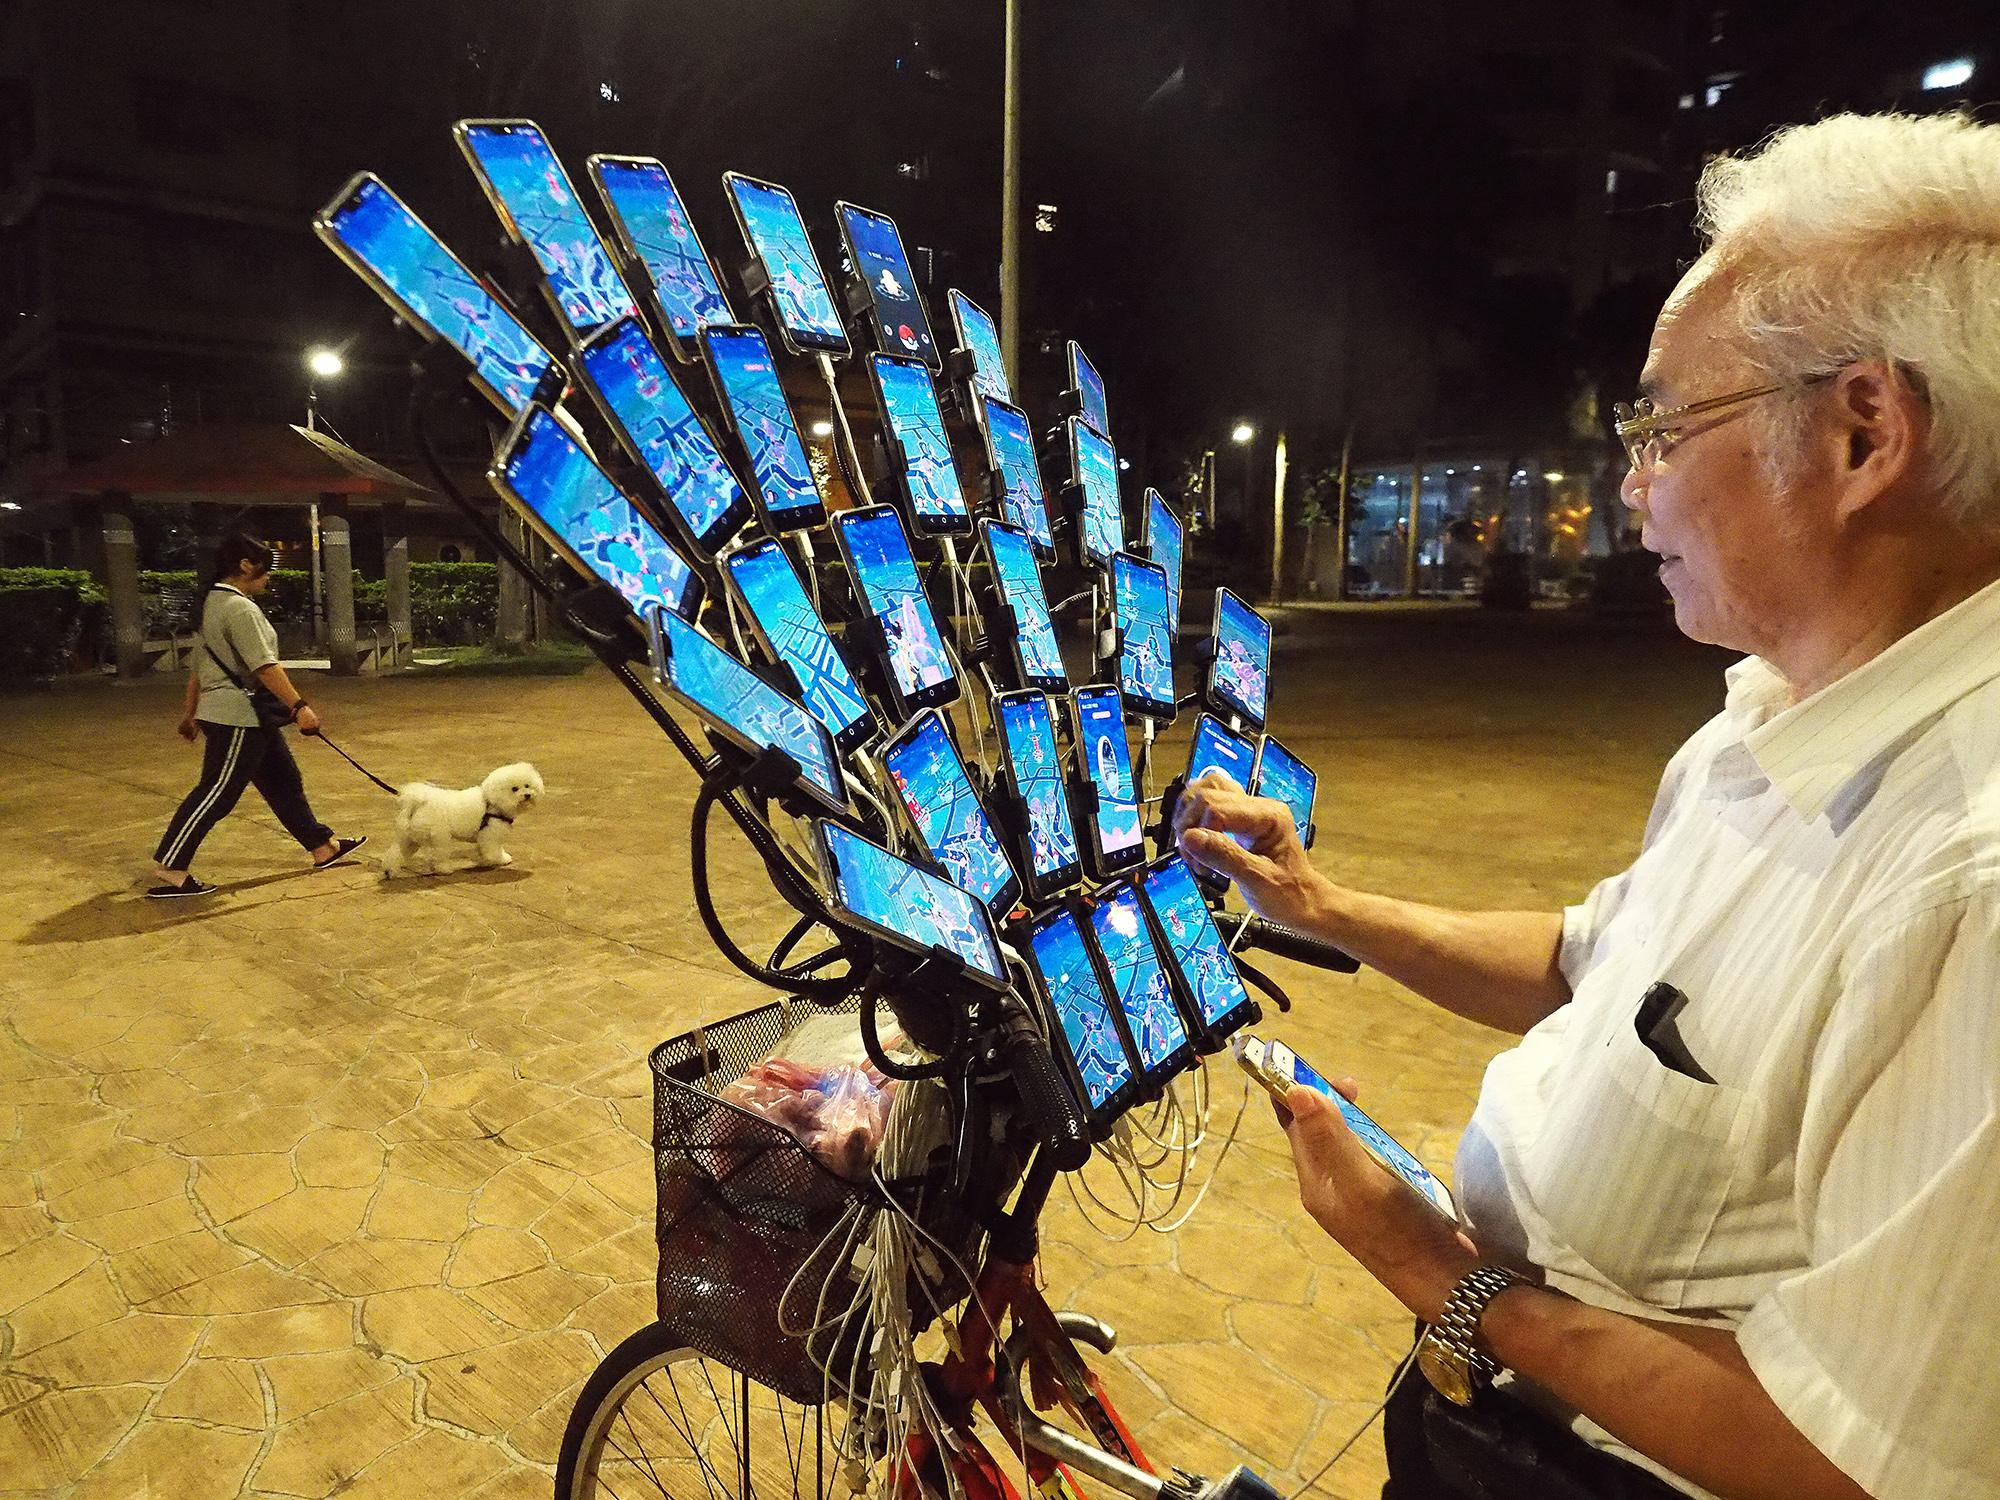 Чен Сан-юань, 70-летний мастер фэн-шуй, а также 29 смартфонов и2 портативных телефона, установленные наего велосипеде, — они нужны ему, чтобы ловить покемонов. Чен подсел наPokemon Go в2016 году, когда внук научил его играть вэту игру. Теперь все свое свободное время Чен проводит, ловя покемонов наулицах или впарках, иногда оставаясь наулице до4 часов утра. Он получил прозвище «Дядя Покемон» идаже стал знаменитостью: тайваньская ASUS TeK Computer Inc. пригласила его стать представителем своего смартфона Zenfone Max Pro M2. Снимок сделан вНью-Тайбэе, Тайвань, 14 мая 2019 года